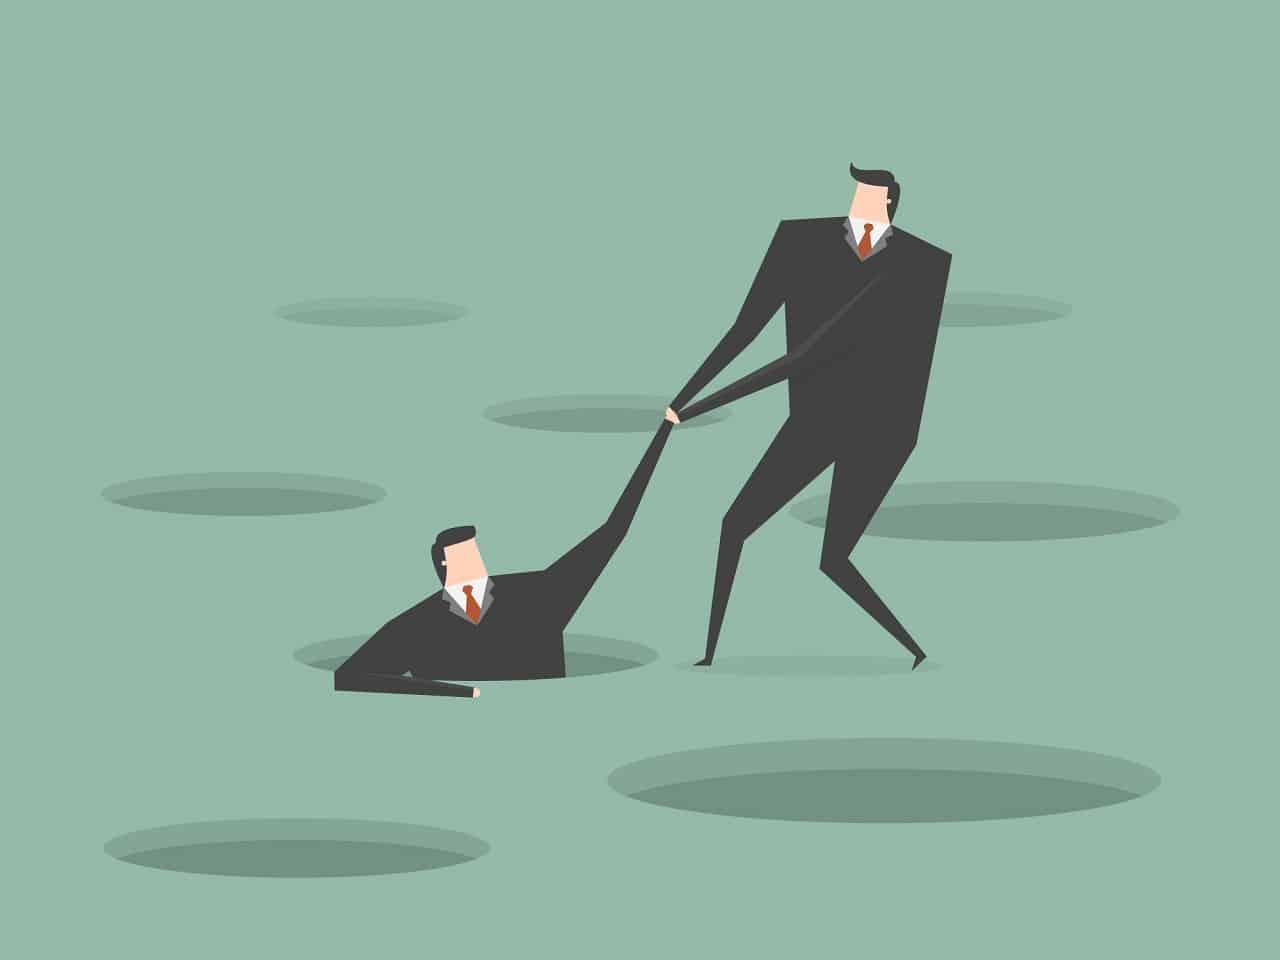 『転職に失敗』僕の転職失敗談を読みあなたはどうすべきか?